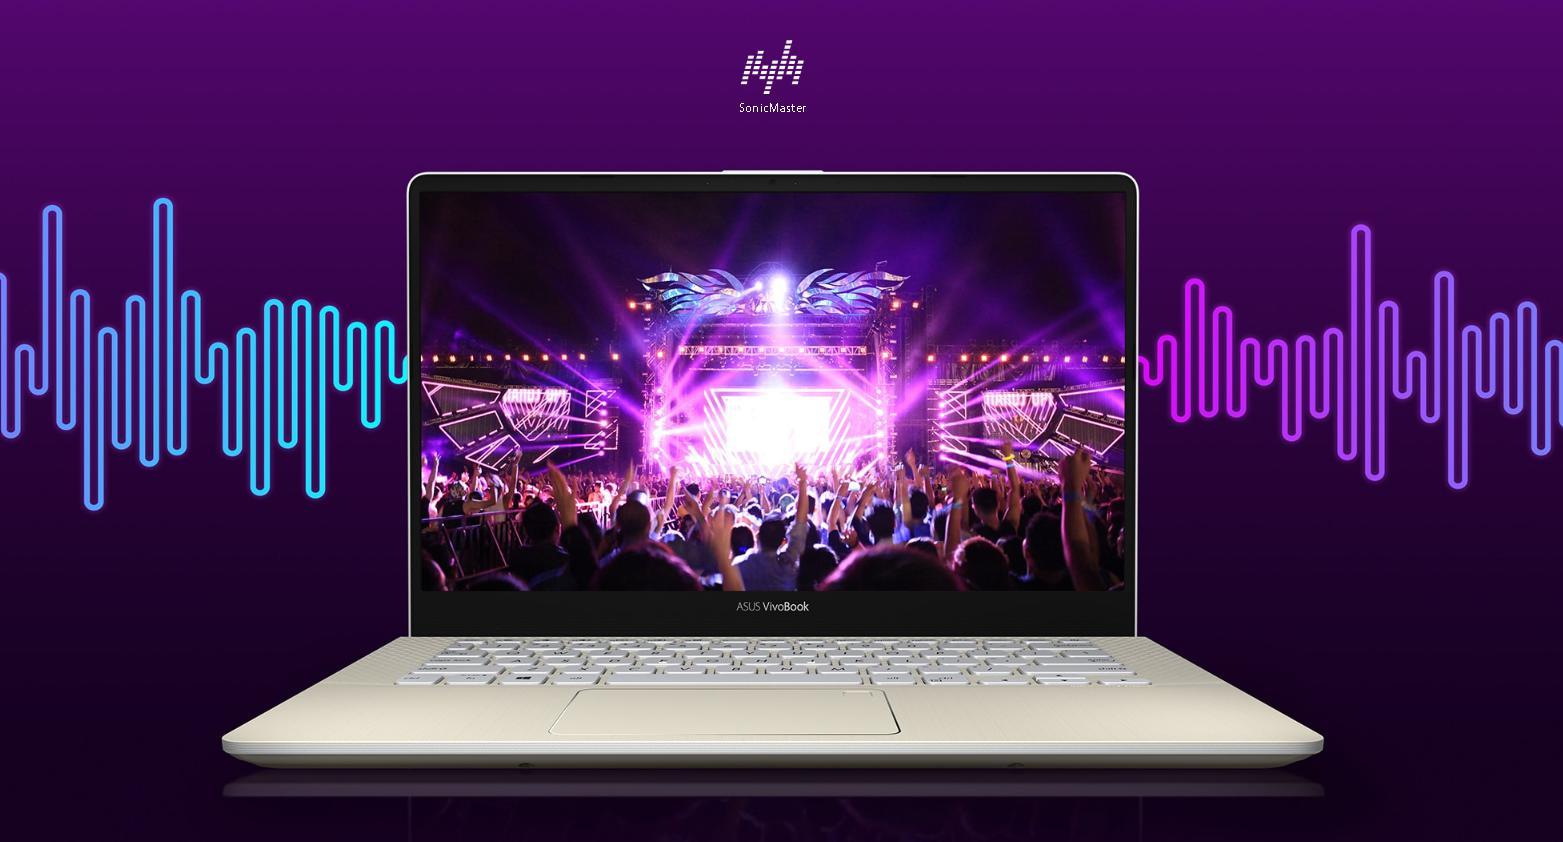 Đánh giá tổng quan Laptop Asus VivoBook S15 S530FN-BQ128T 12